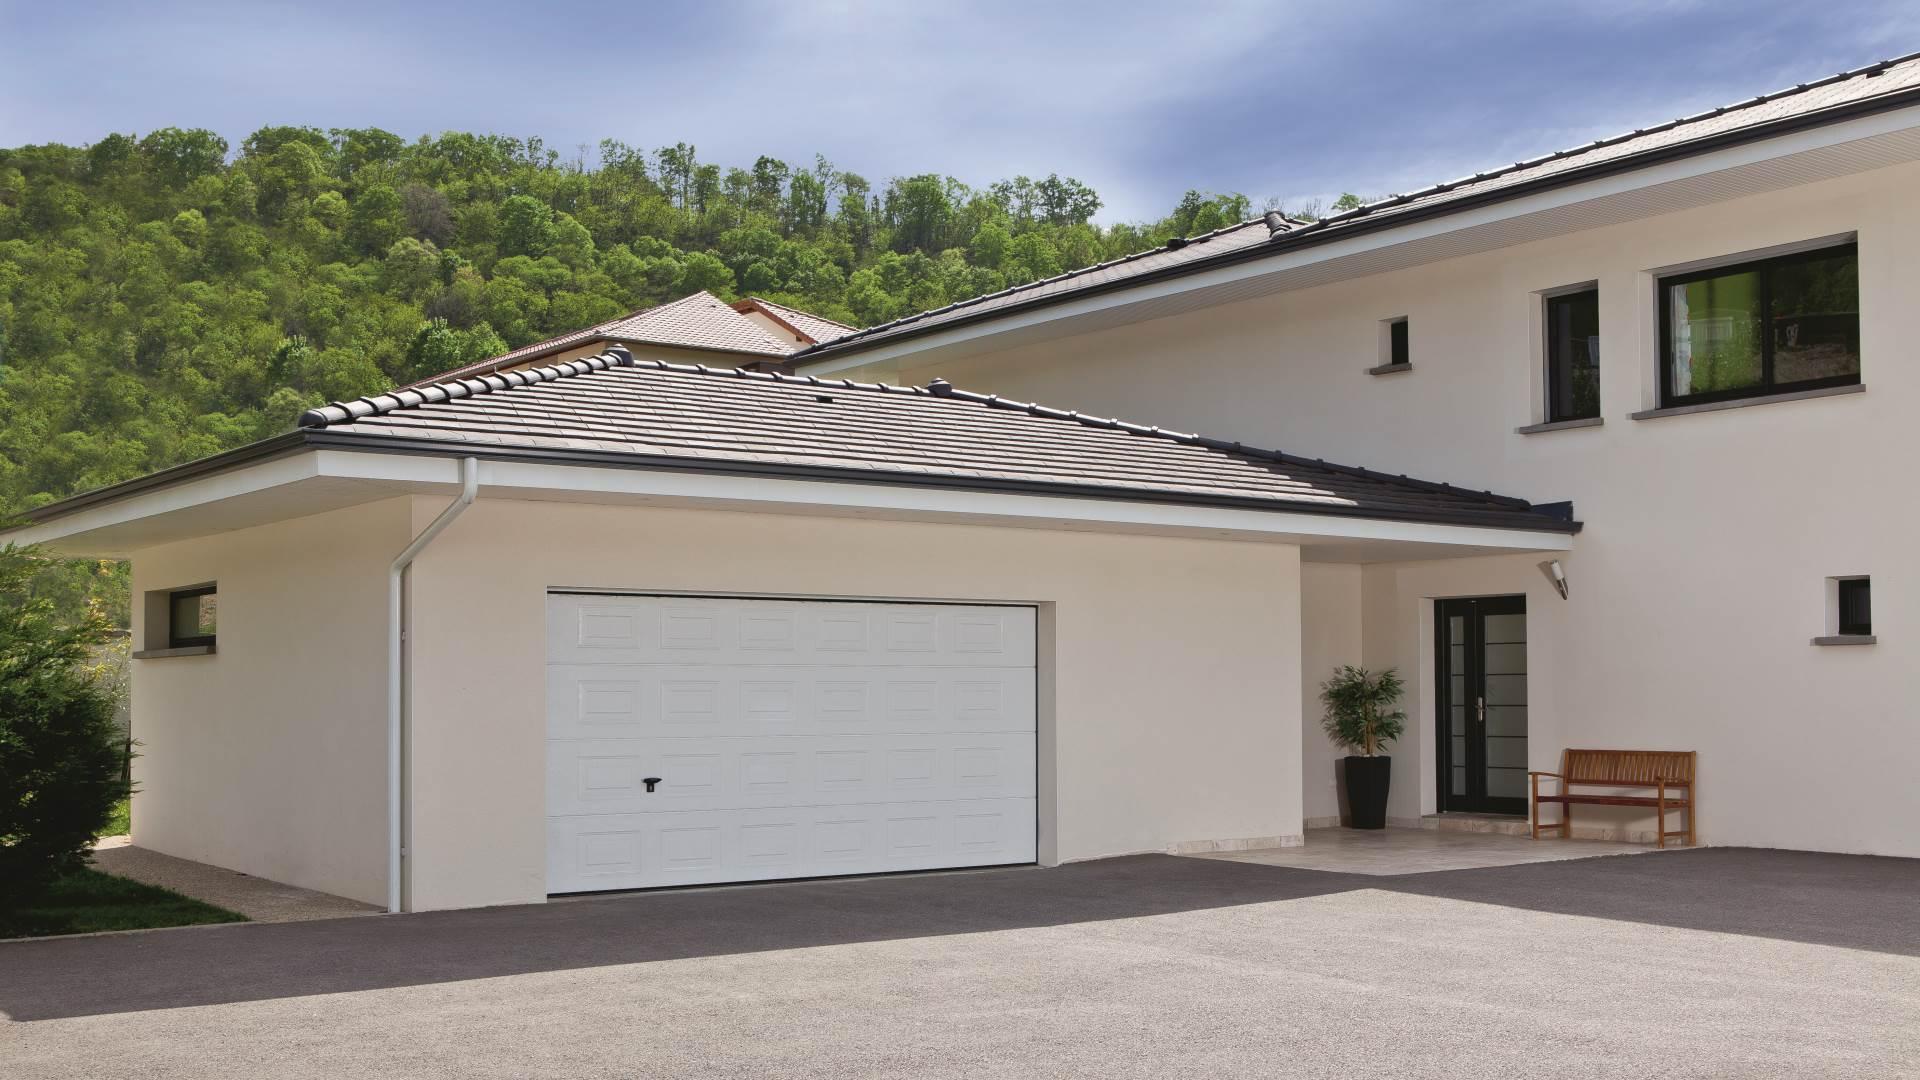 Automazione per porta da garage diag03mgf diagral for Grandi pavimenti del garage